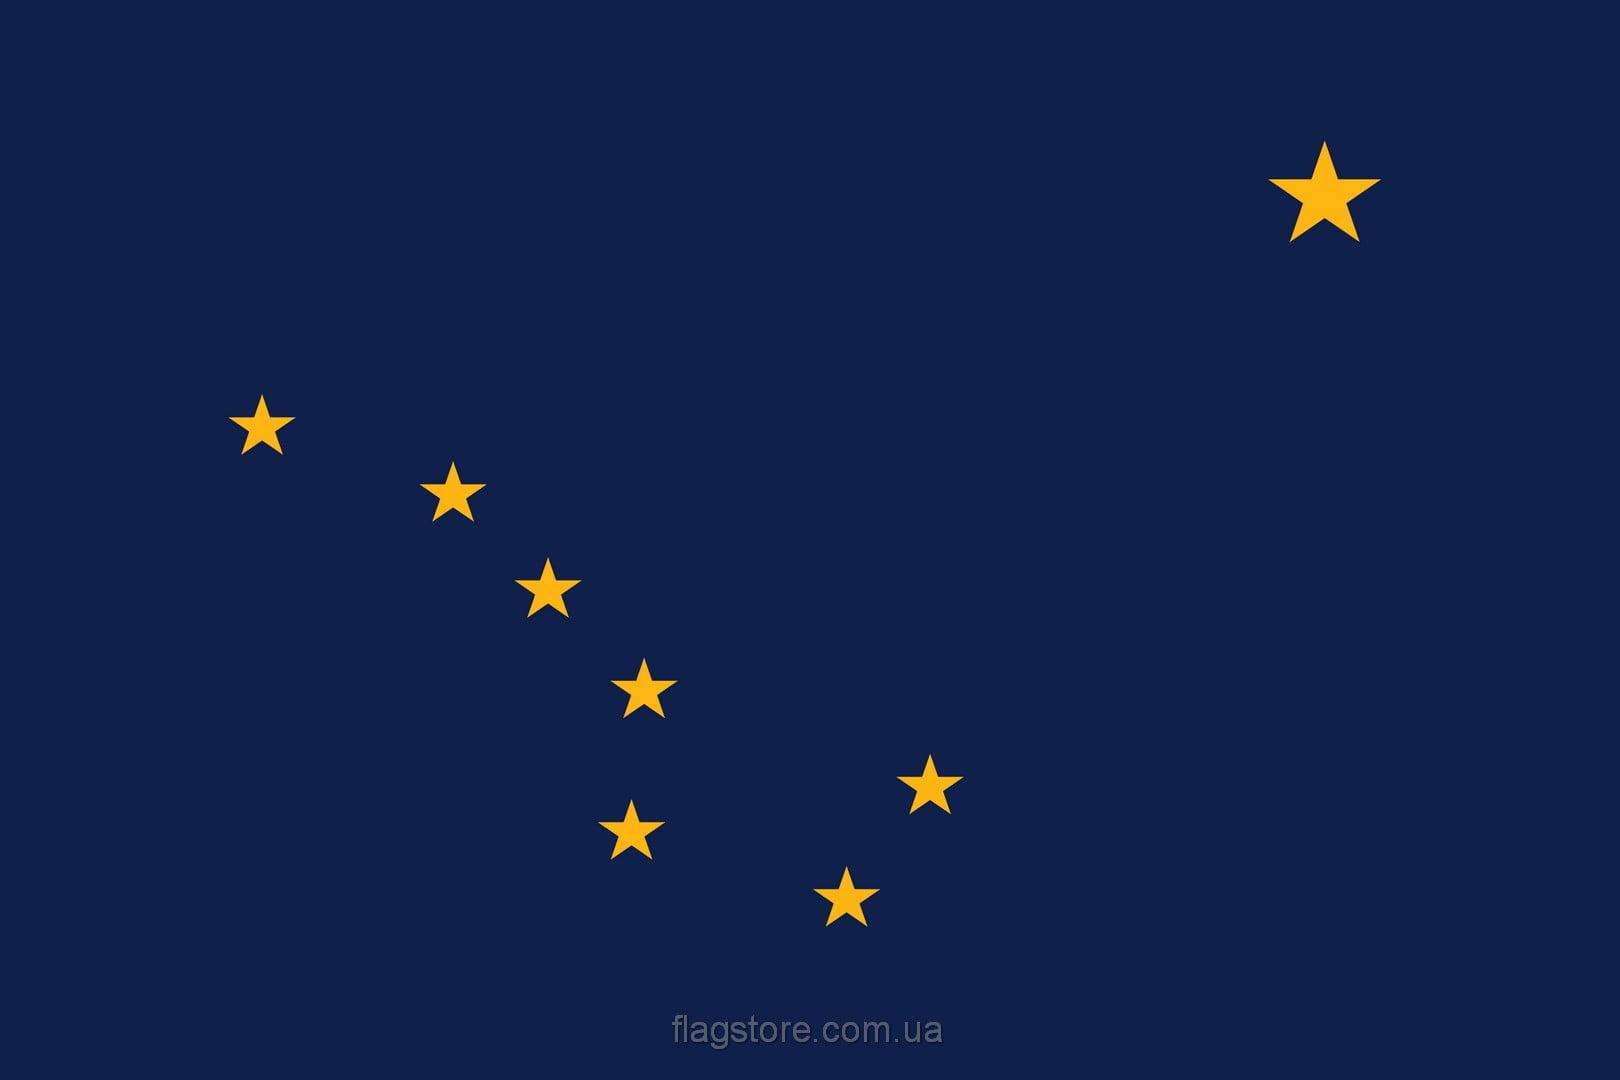 Купить флаг Аляски (штата Аляска)